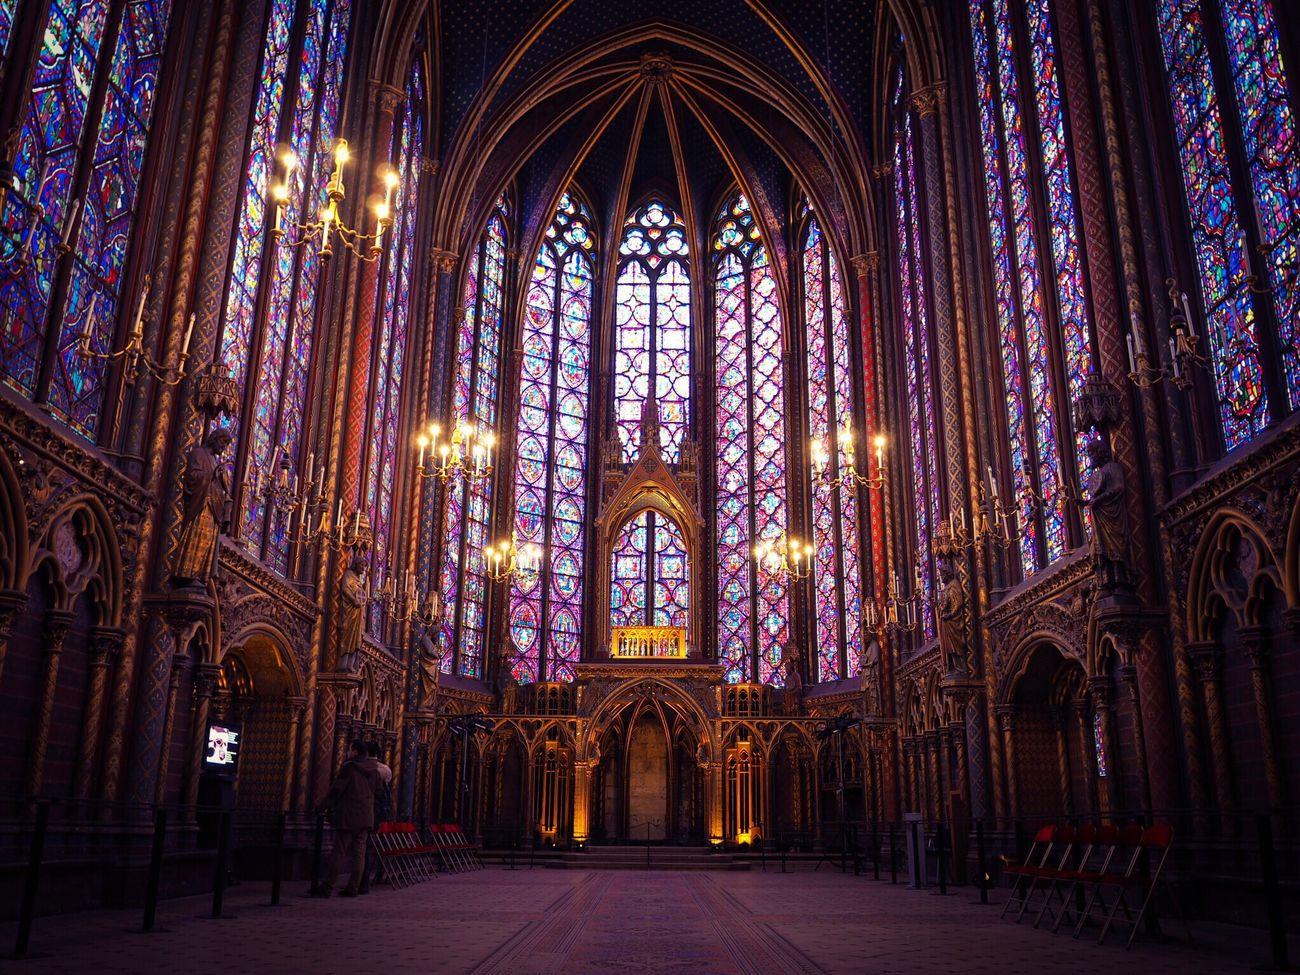 Sainte-Chapelle Sainte Chapelle Stained Glass Stained Glass Window Abbey Chapelle Paris